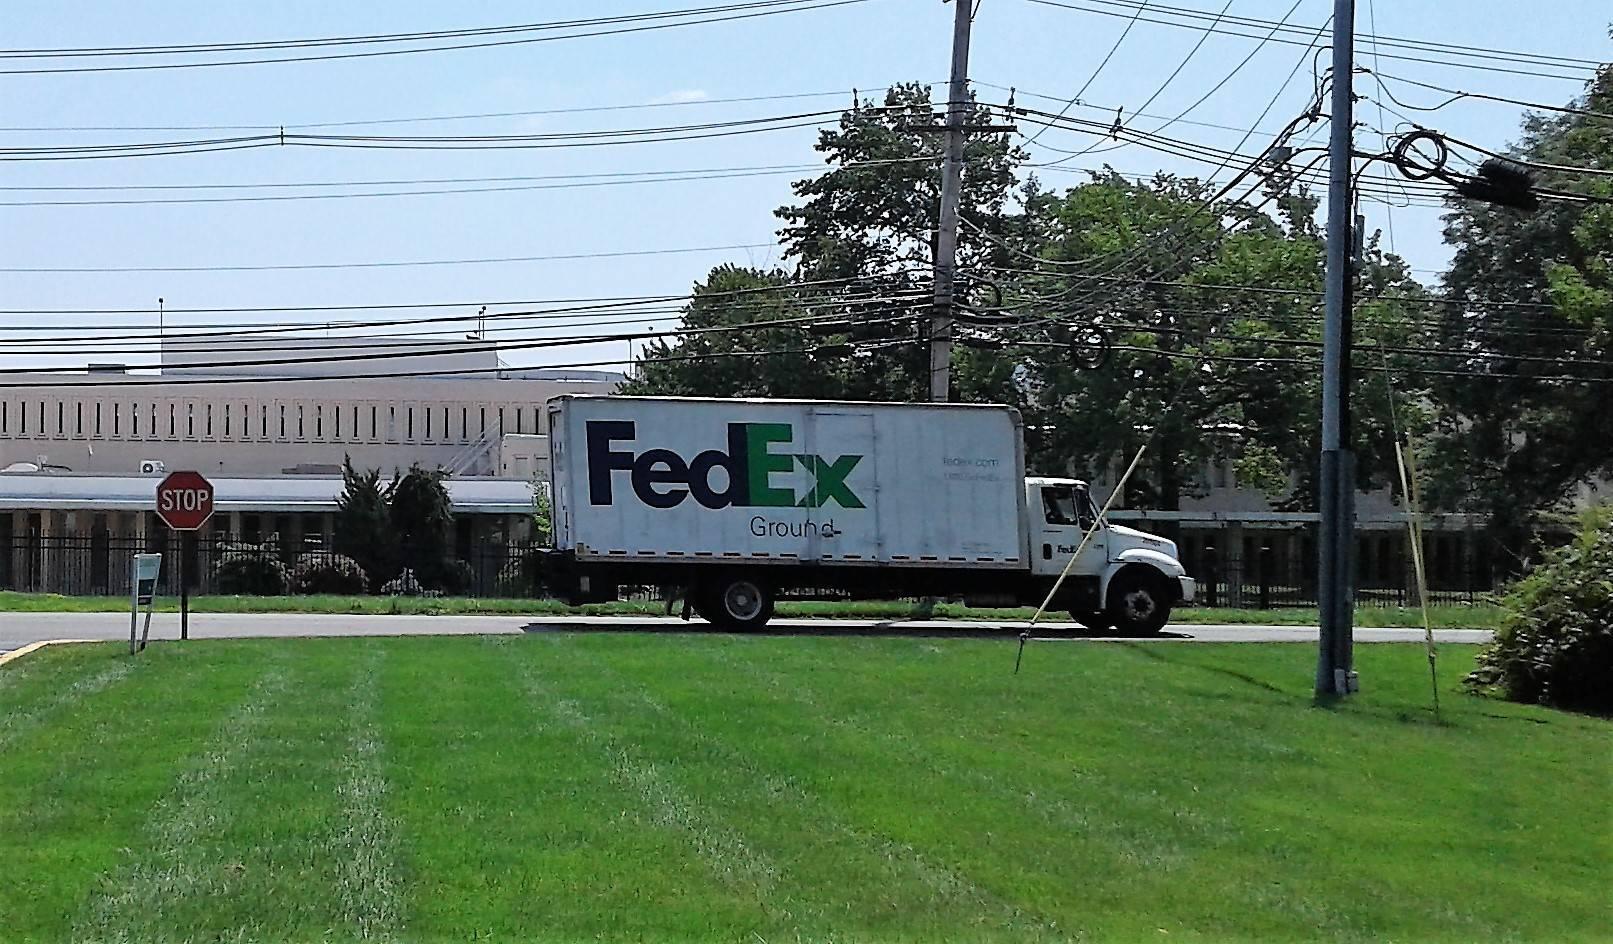 6be89173b5cedeec16ef_truckordinance.jpg